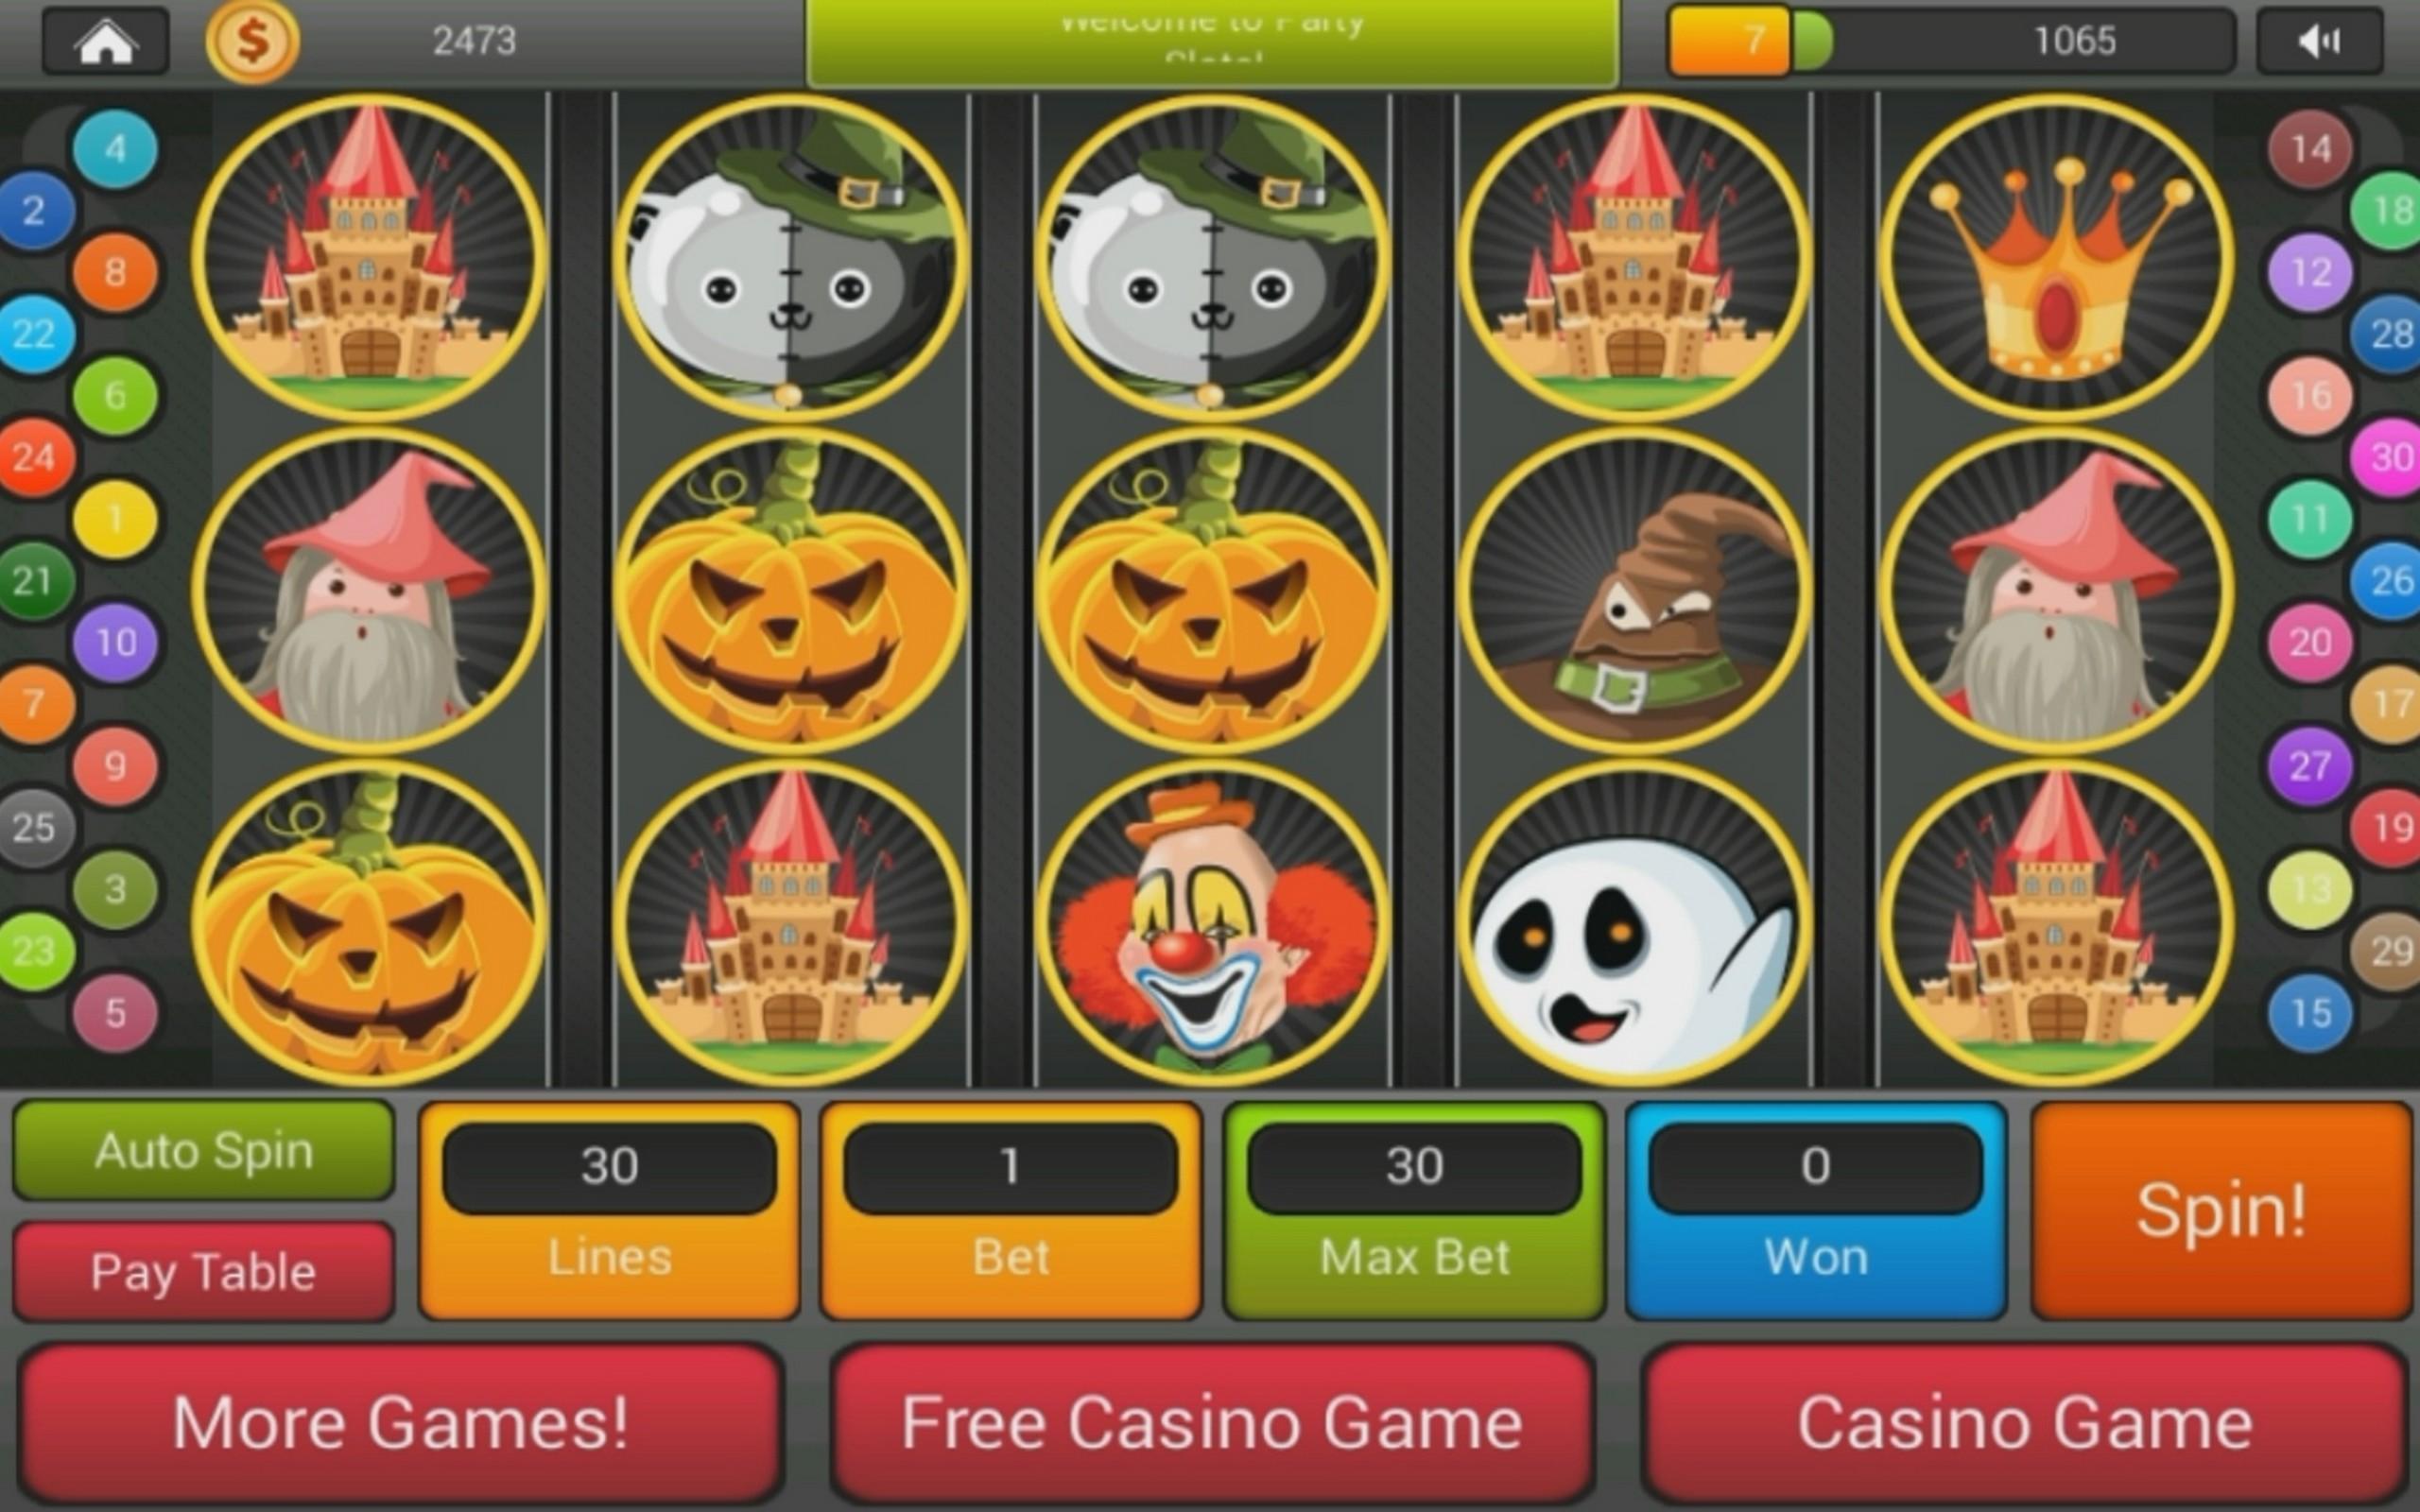 Www Spielautomaten De Mobile - 51432